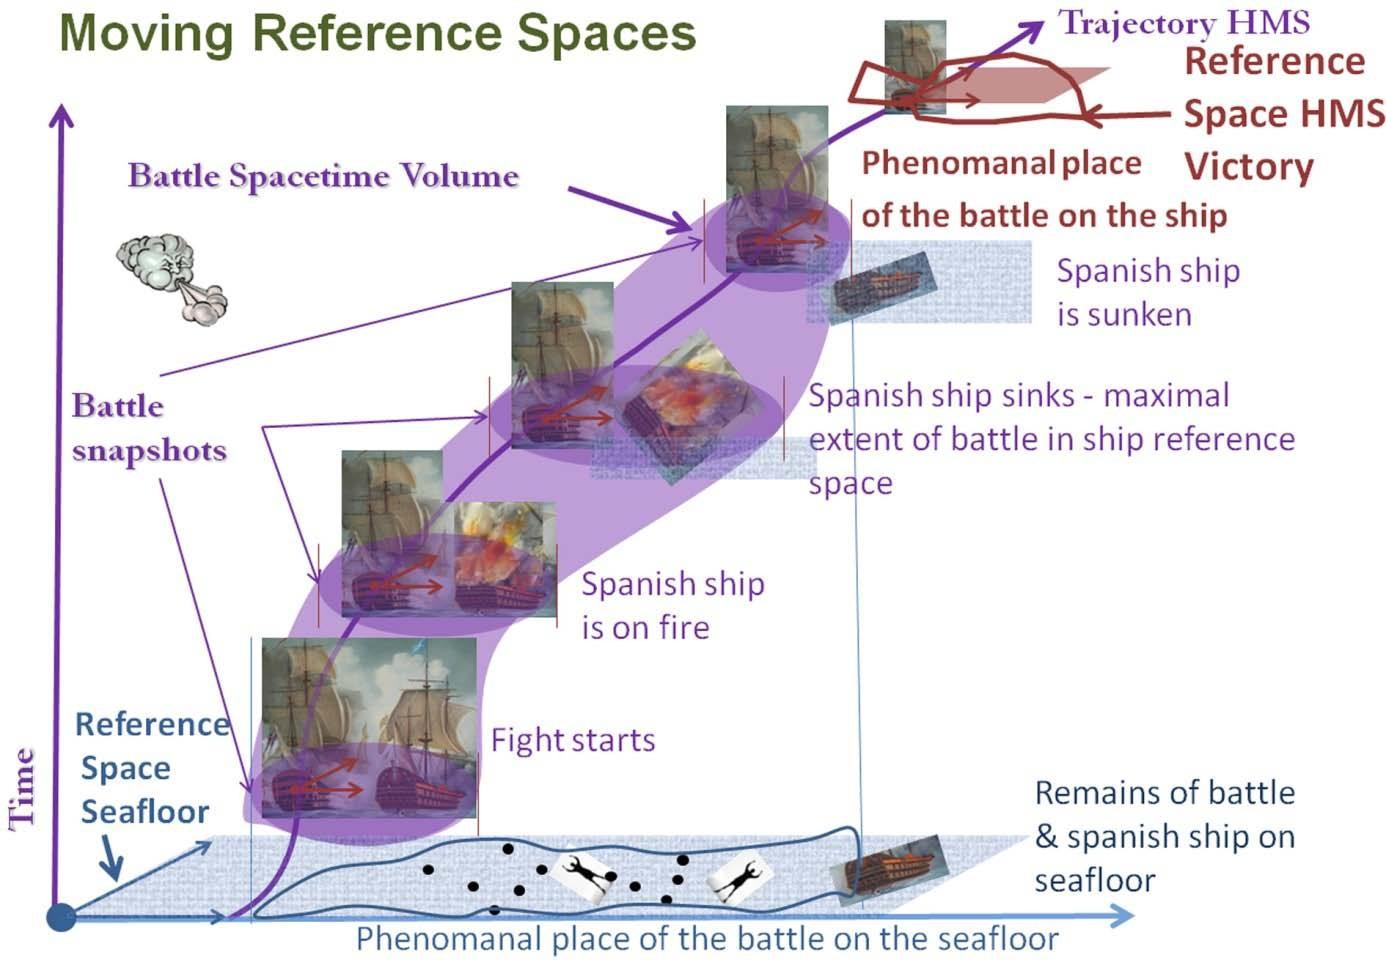 Ereignisse der Trafalgar Schlacht aus Sicht des Schiffs und des Meeresgrunds